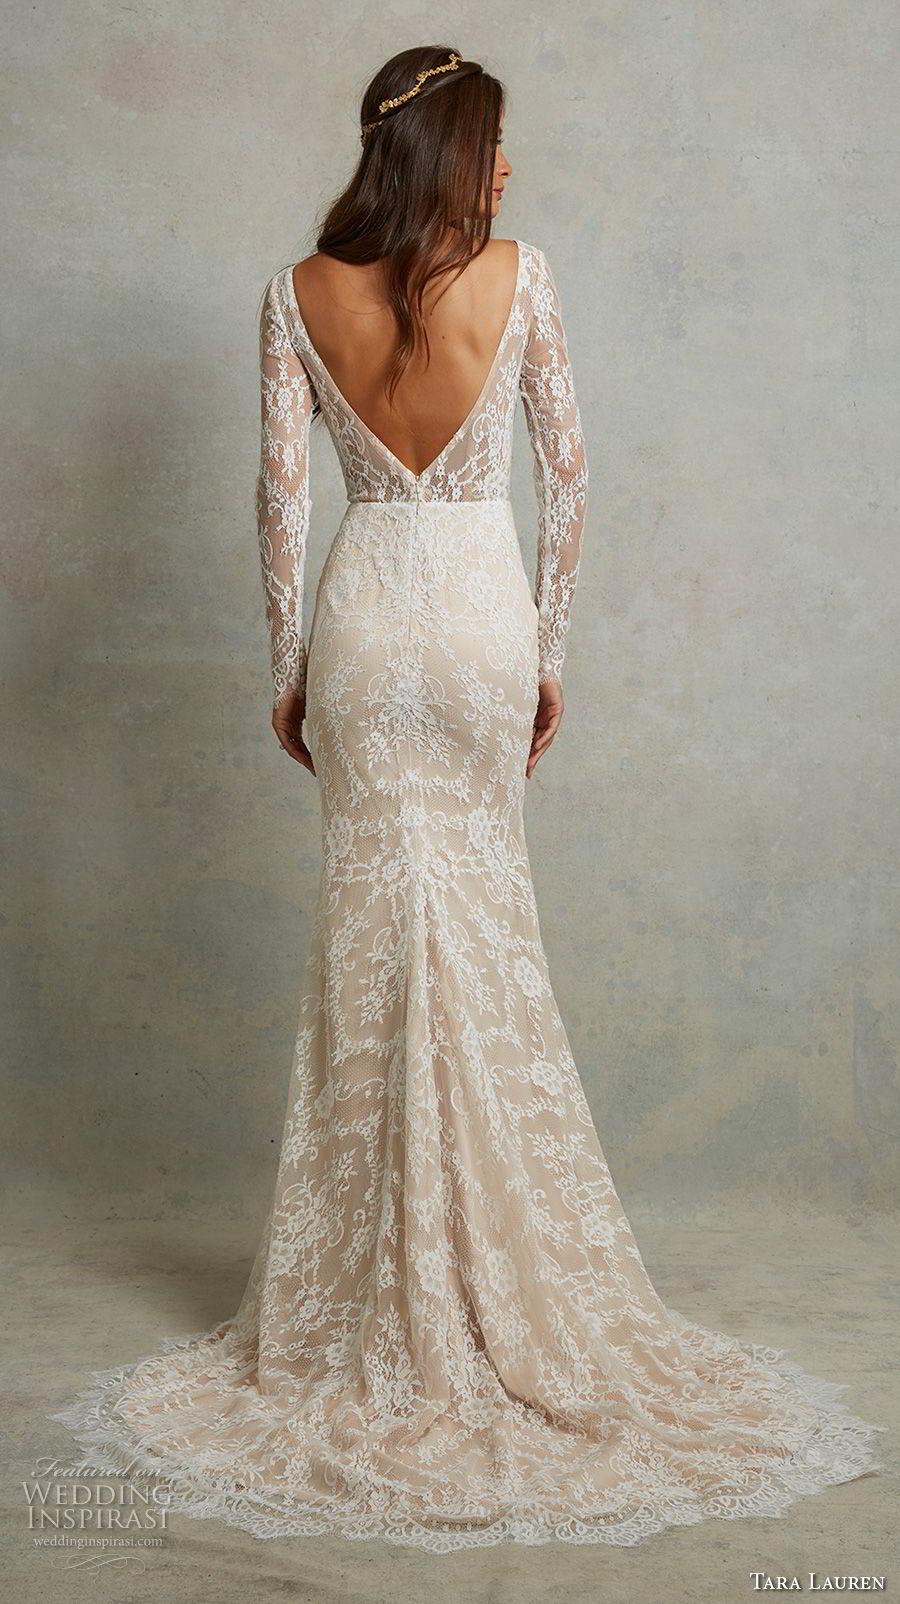 tara lauren spring 2018 bridal long sleeves deep v neck full embellishment elegant fit and flare wedding dress open v back sweep train (1) bv